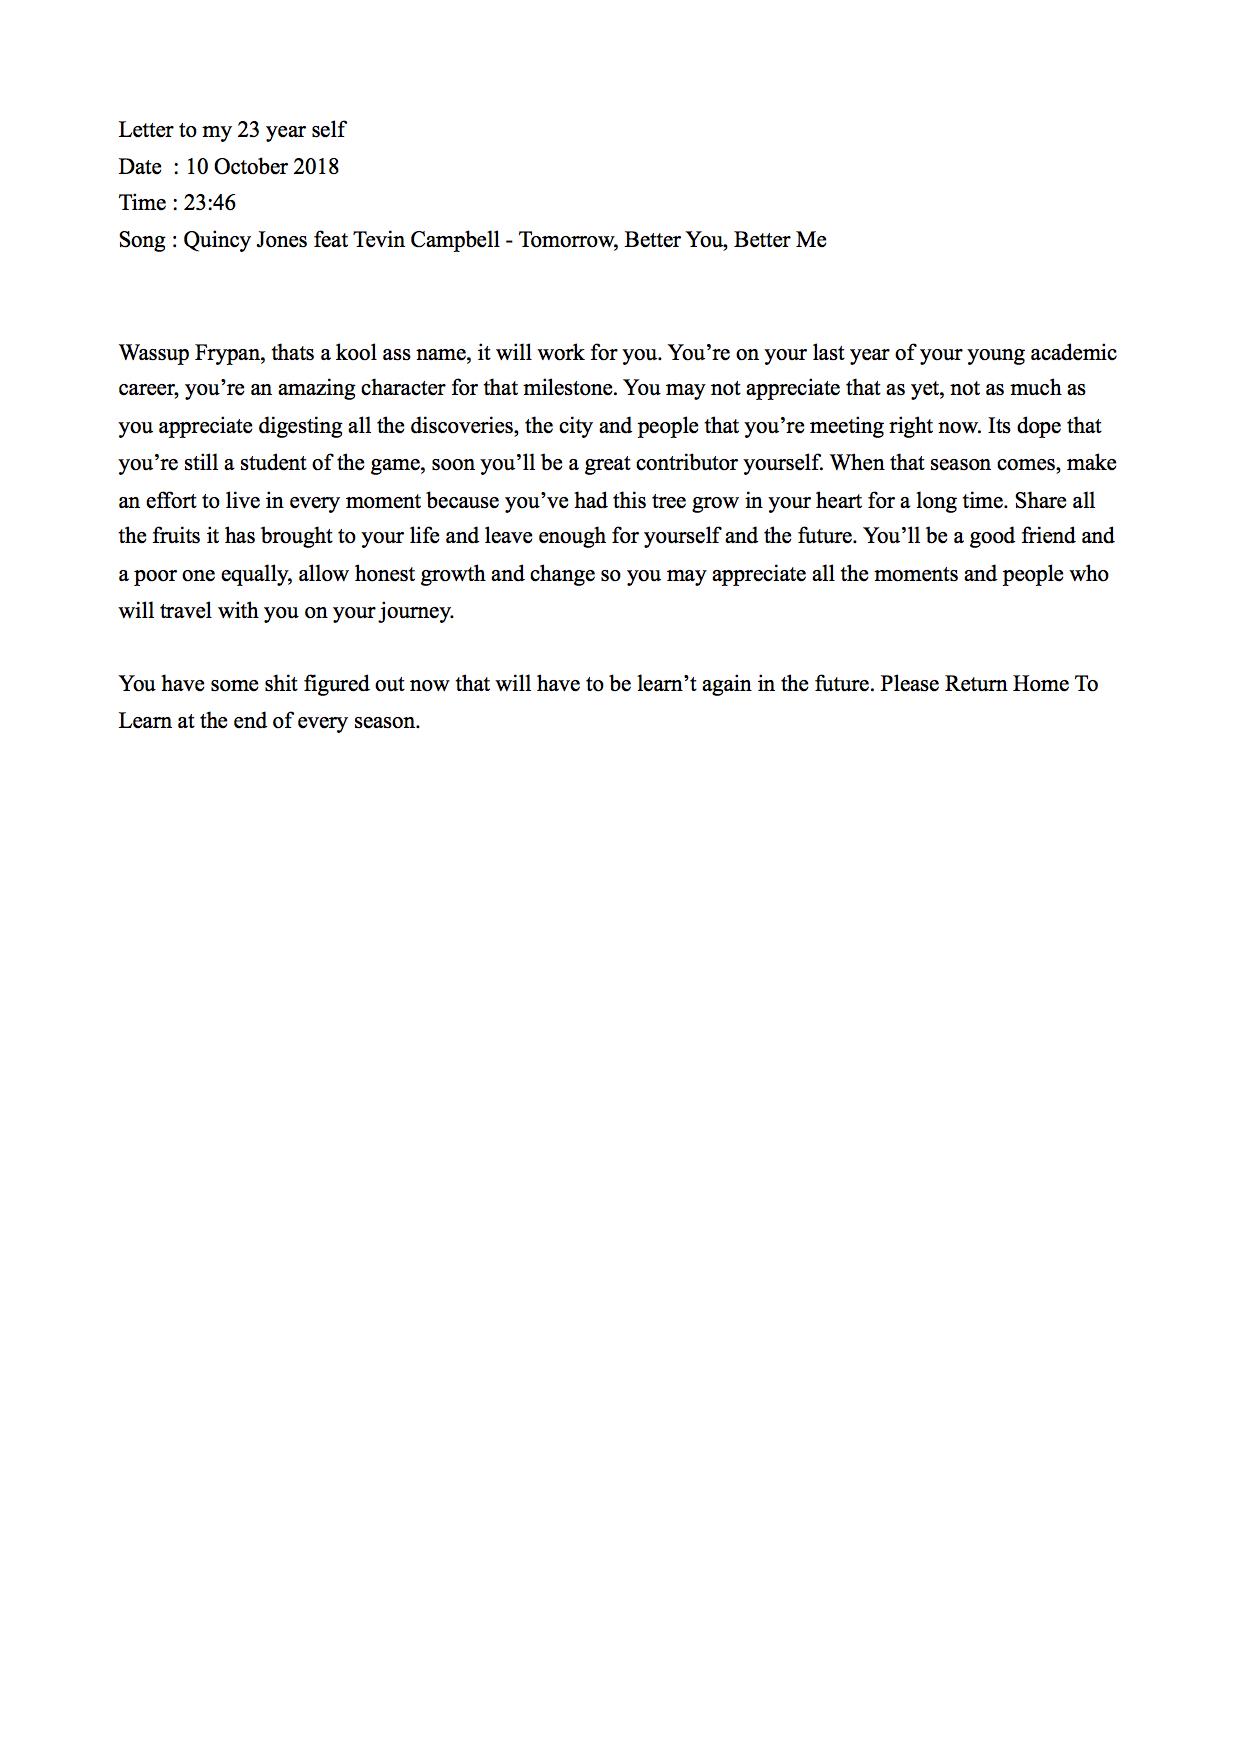 Frypan_s Letter .jpg